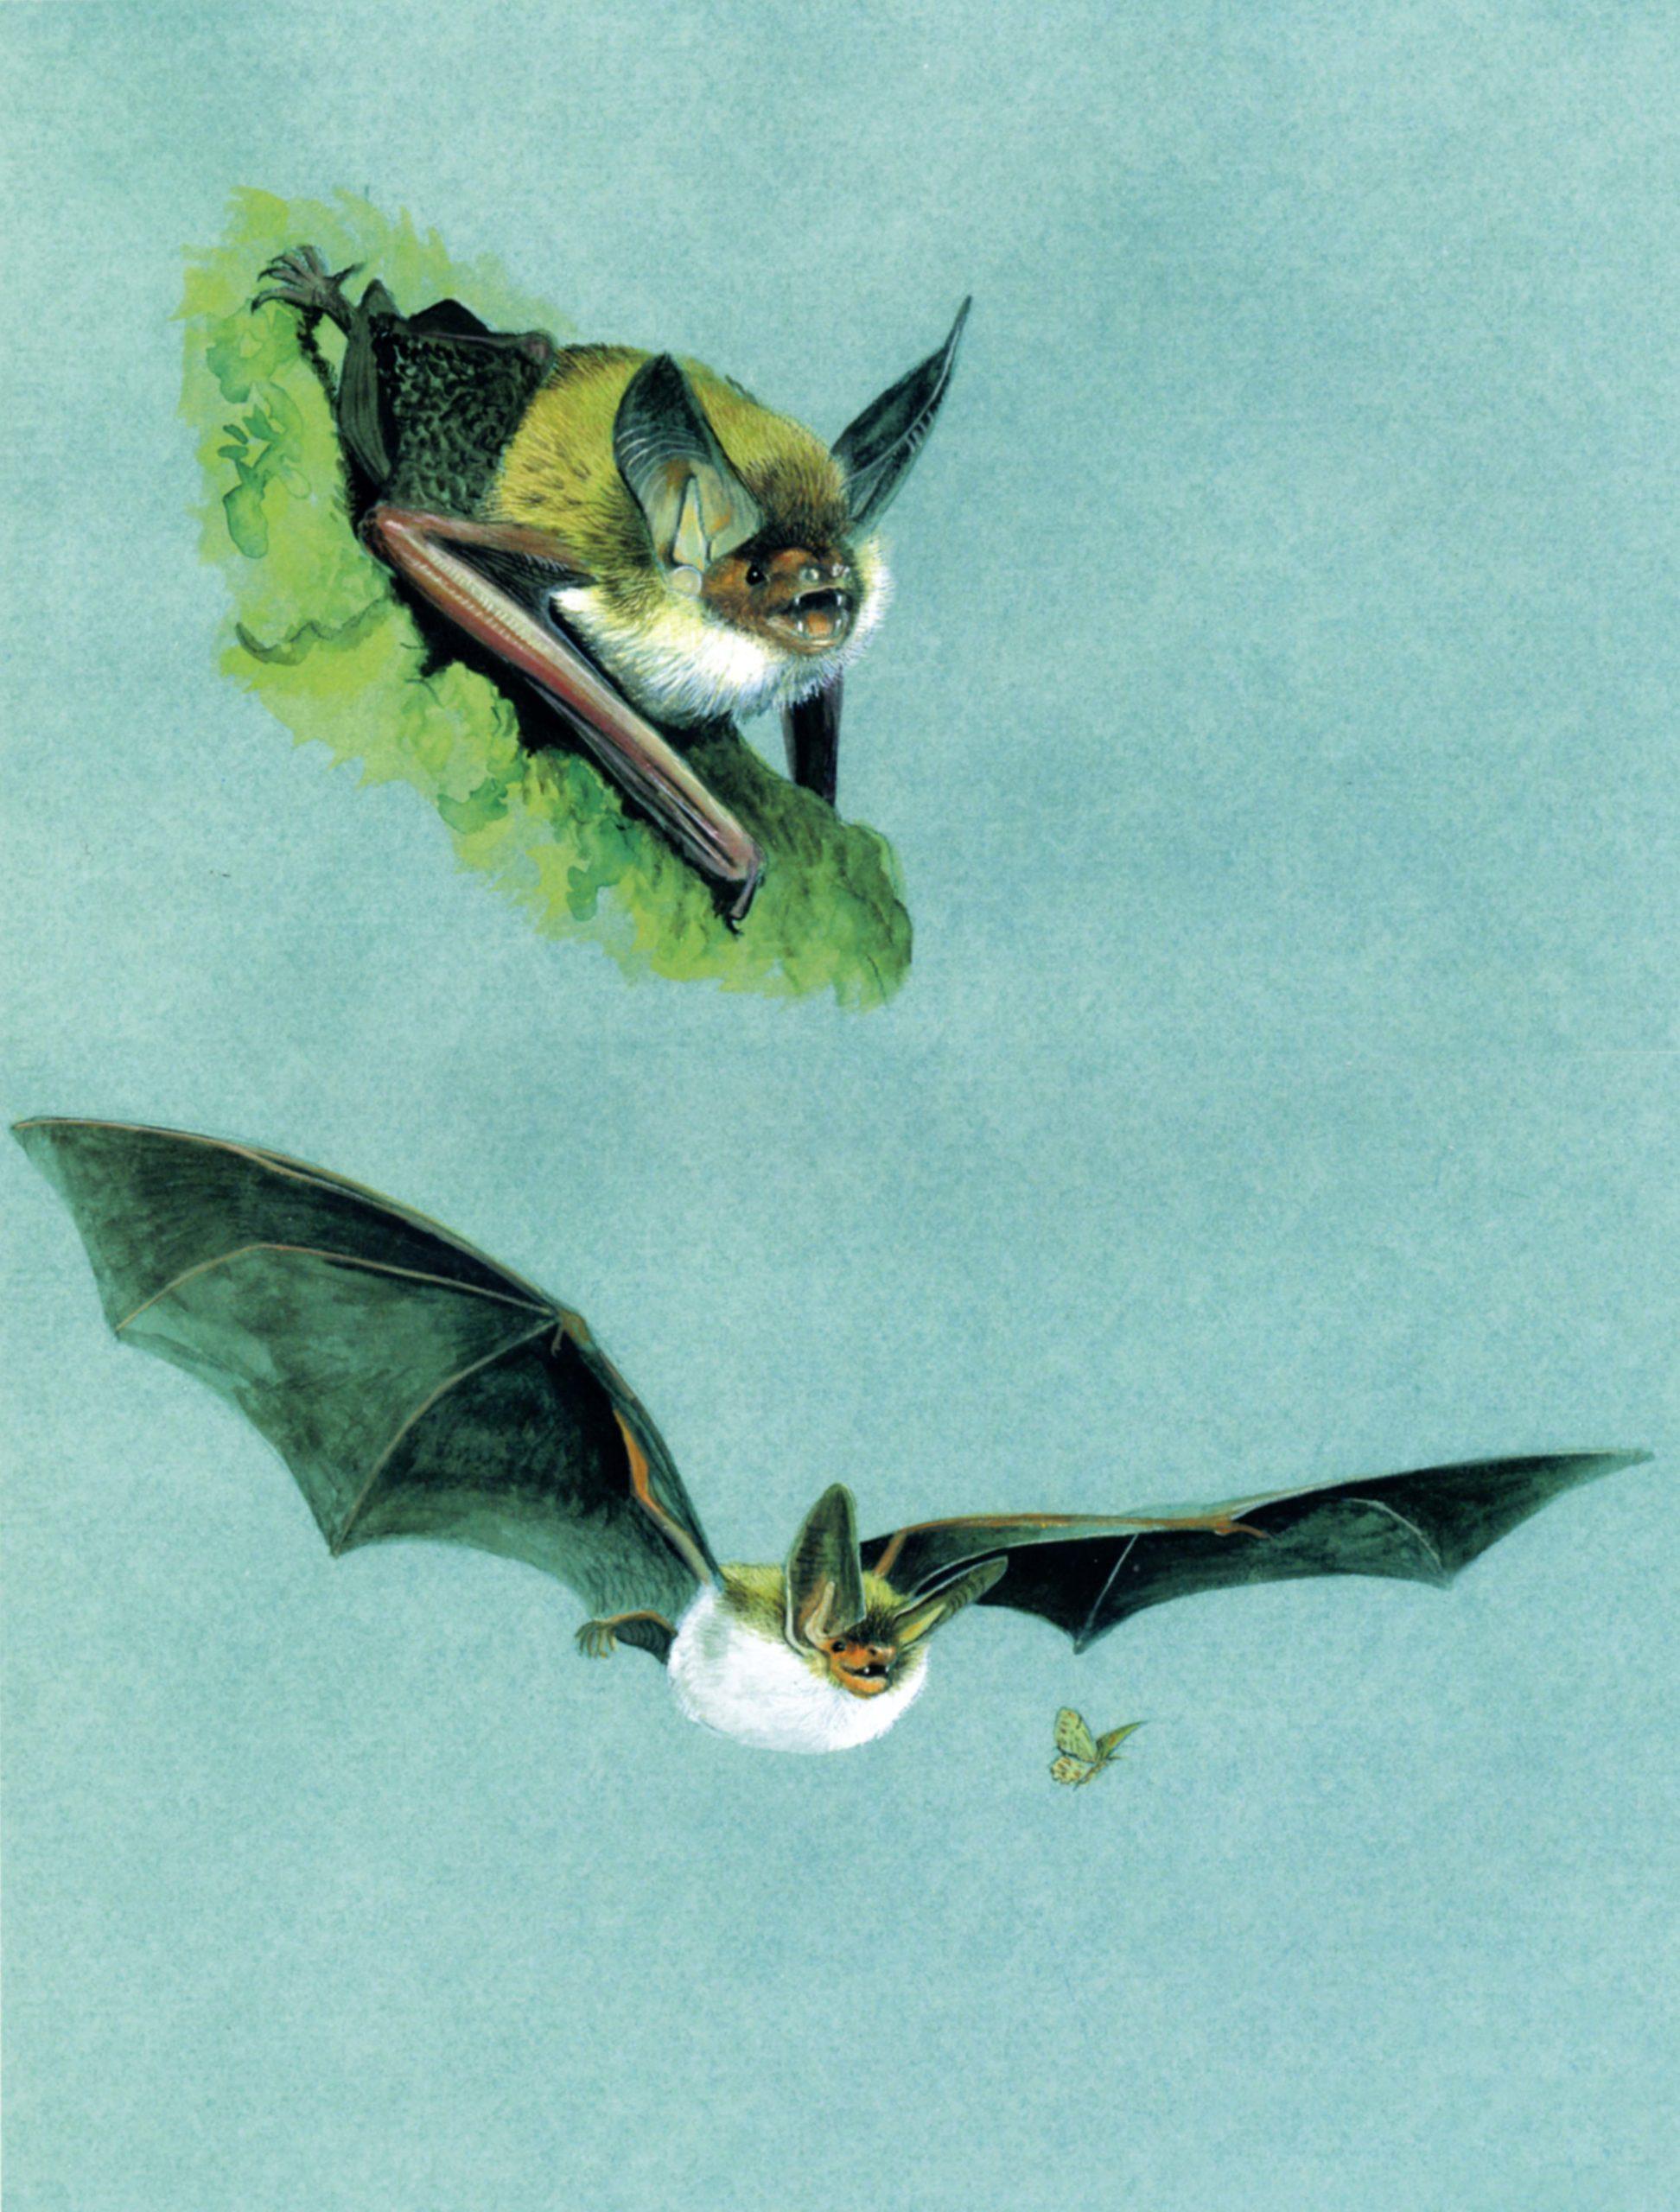 Vespertilio-di-Bechstein-Myotis-bechsteinii-1